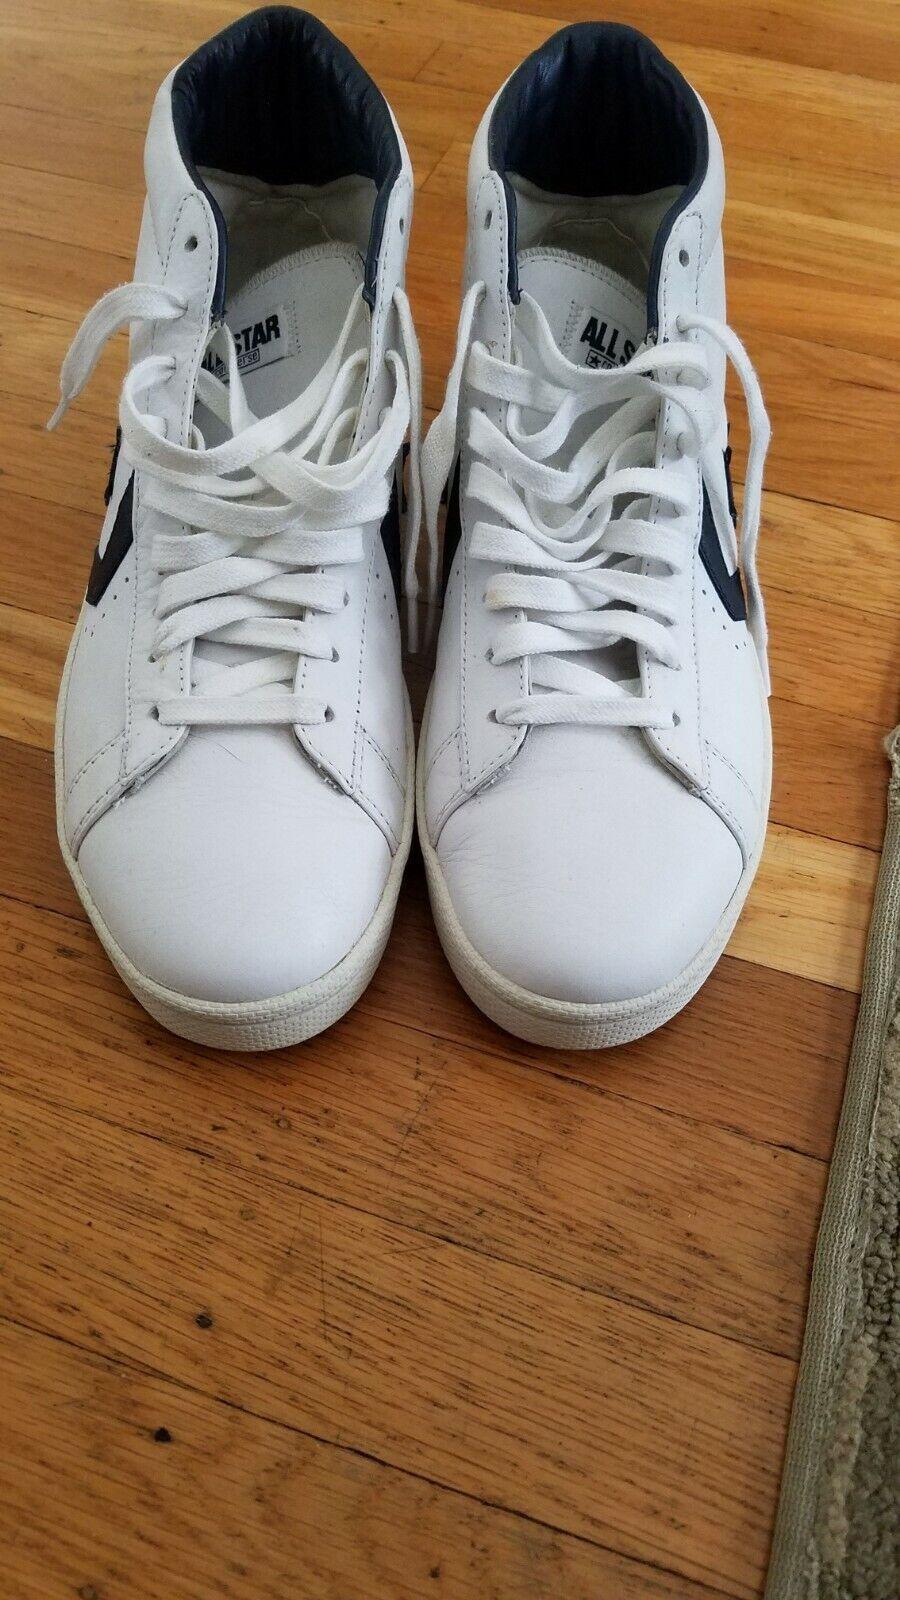 Vintage Dr. J DS Converse Pro Leather 100% Authentic Men's Size 10.5